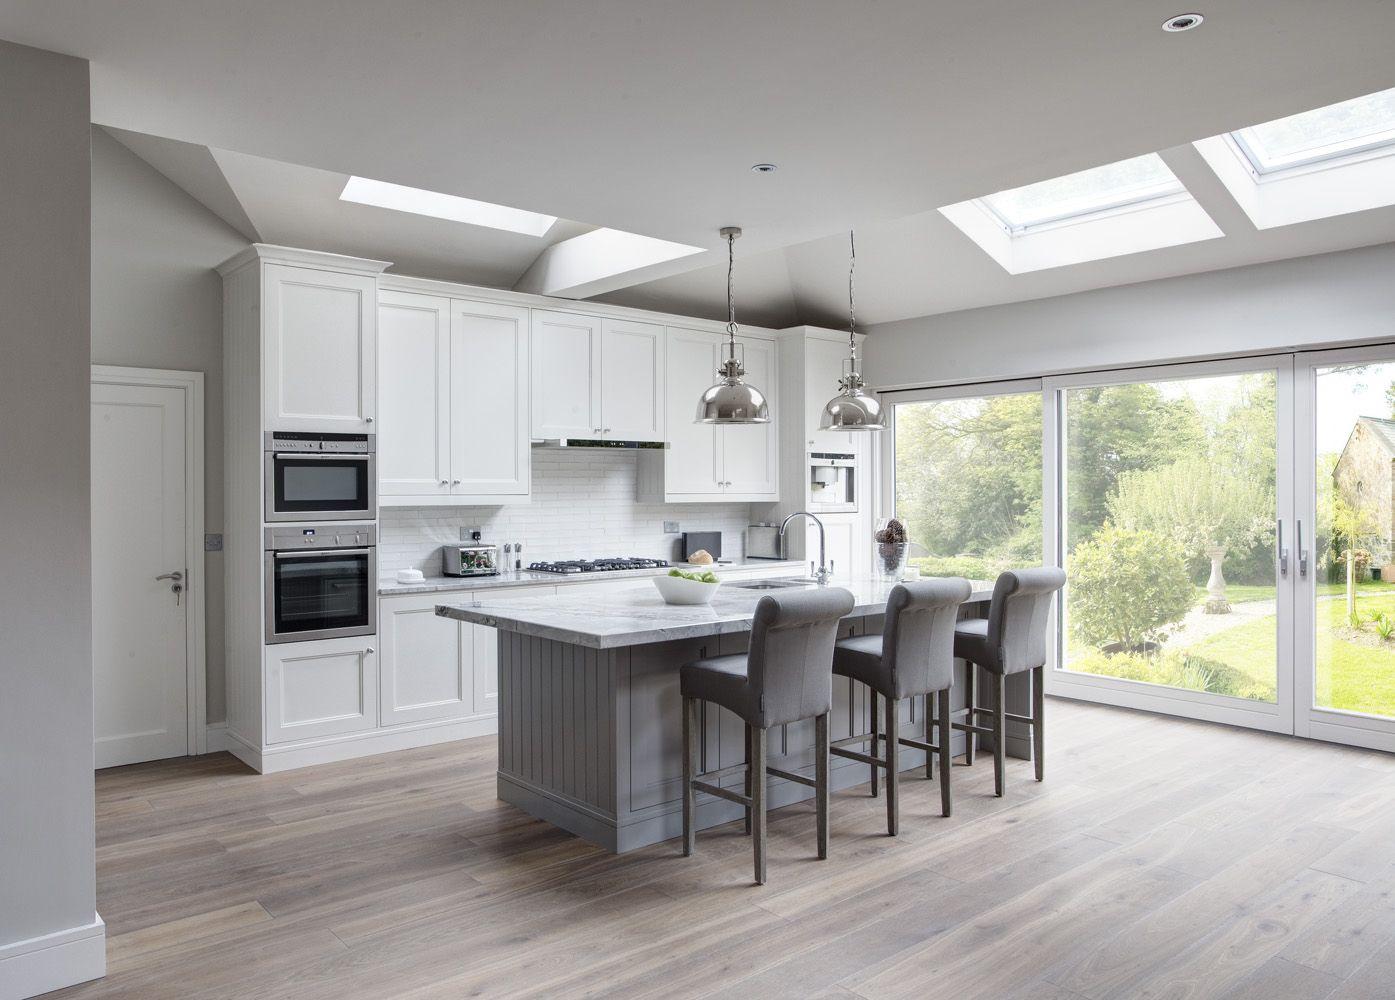 contemporary kitchens contemporary kitchens dublin contemporary kitchens ireland newcastle on kitchen ideas modern id=90905